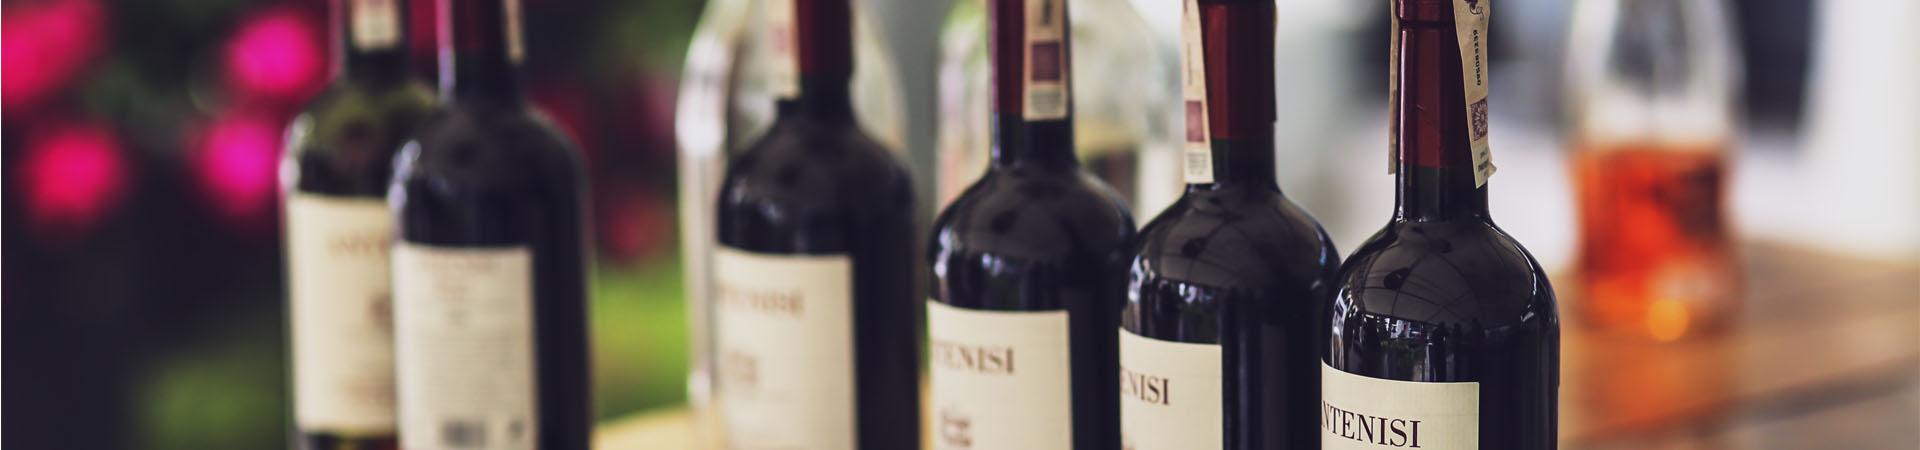 מקרר יין DVV2 LA SOMMELIERE